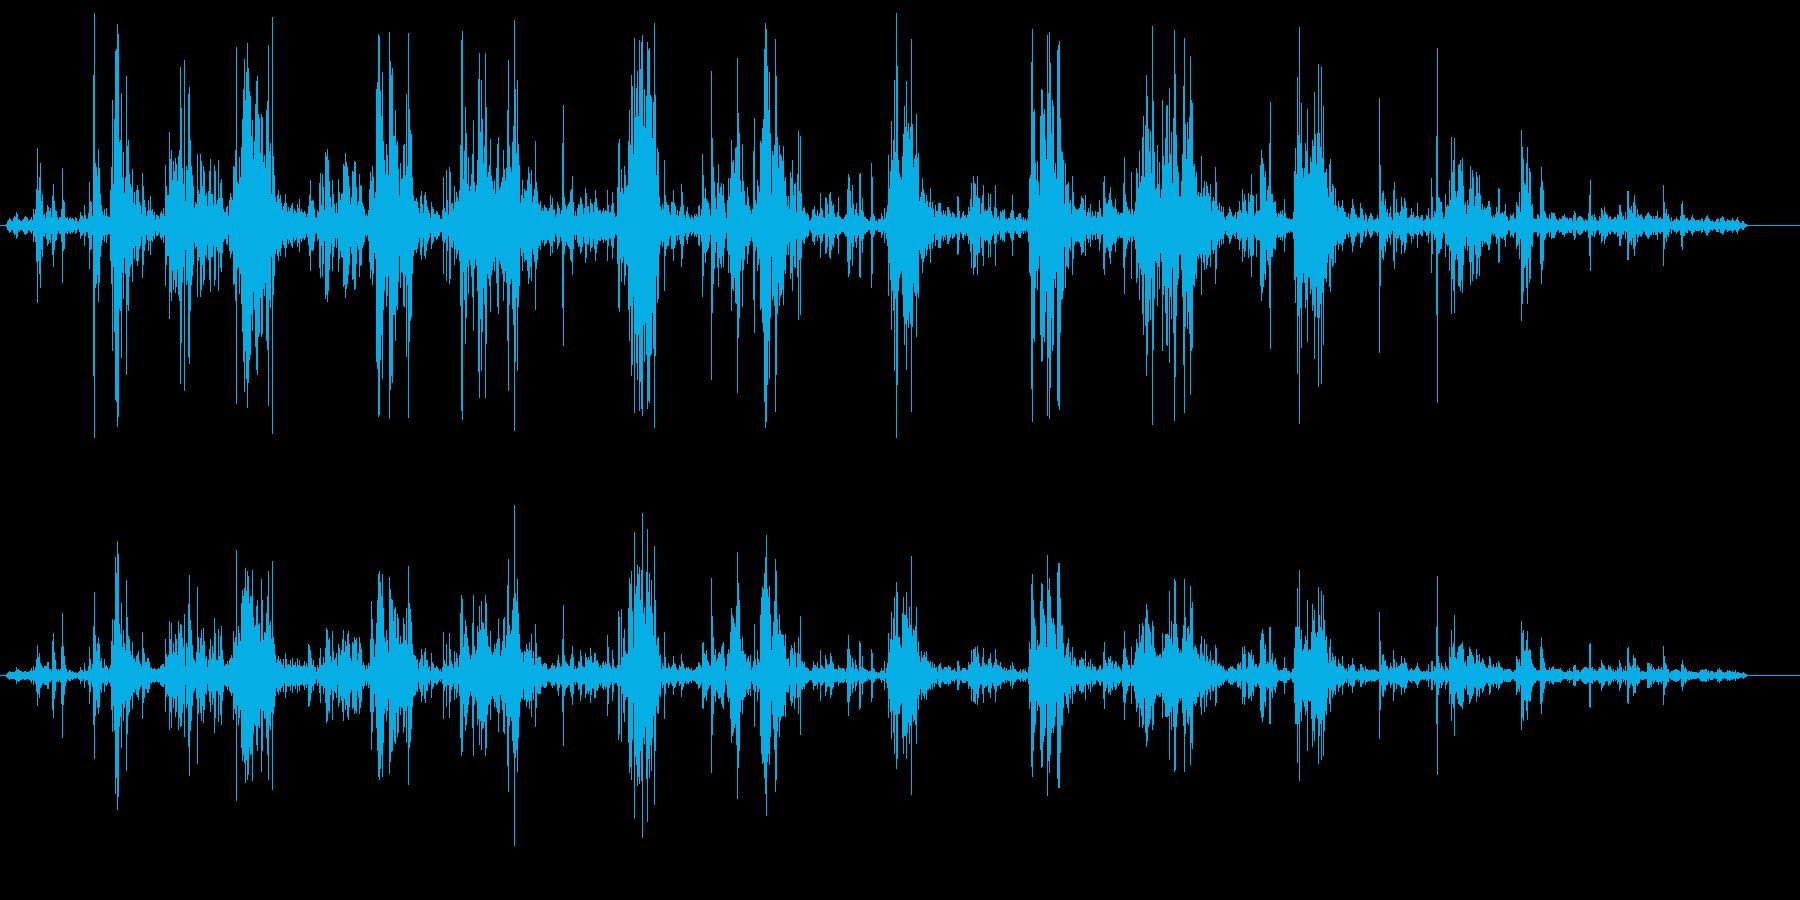 グチャグチャ(不快感、不安を仰ぐ効果音)の再生済みの波形